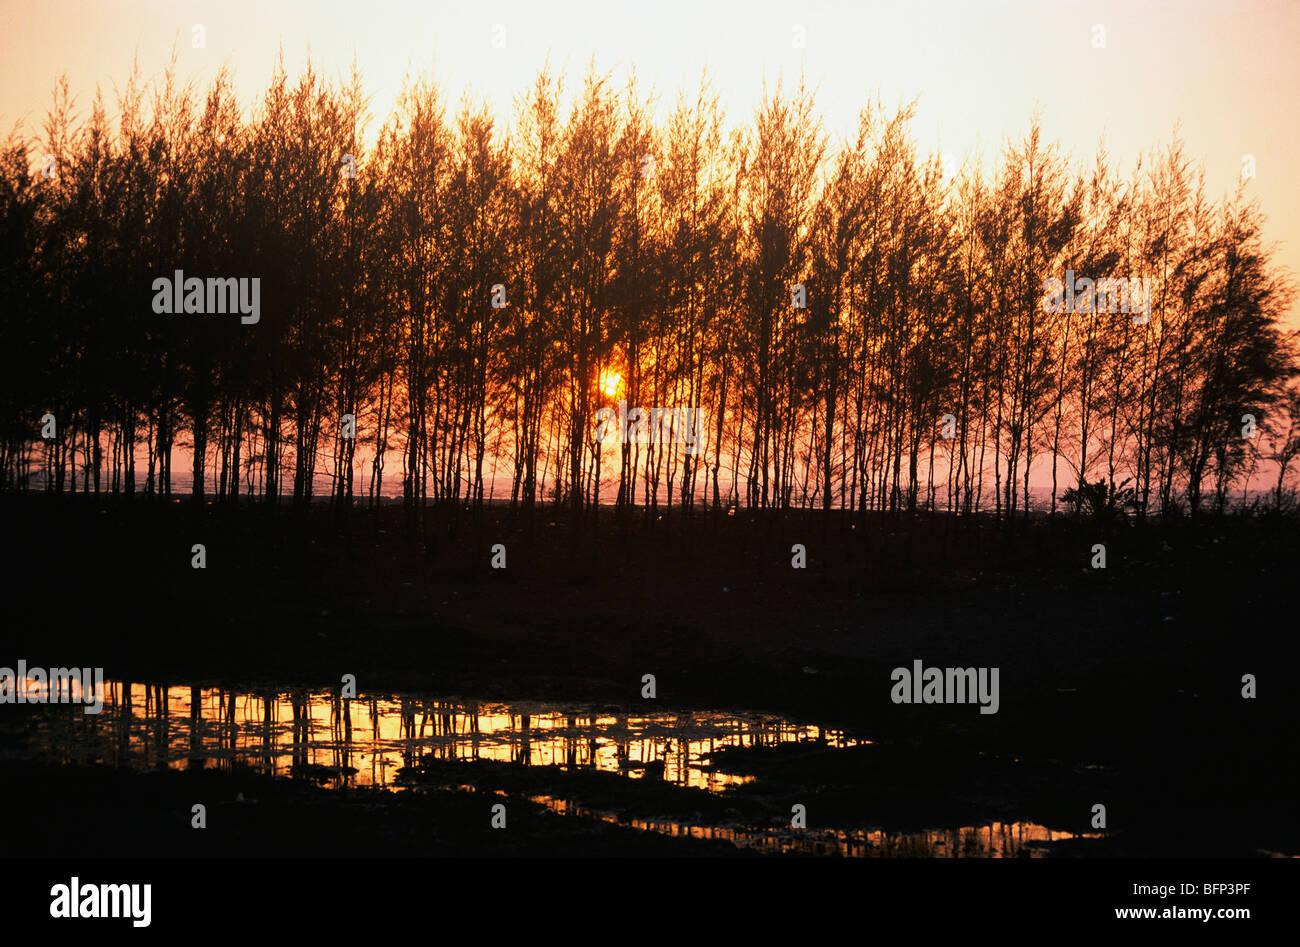 MMN 63431 : Sunset at Devka beach ; Nani Daman ; Daman UT ; India - Stock Image